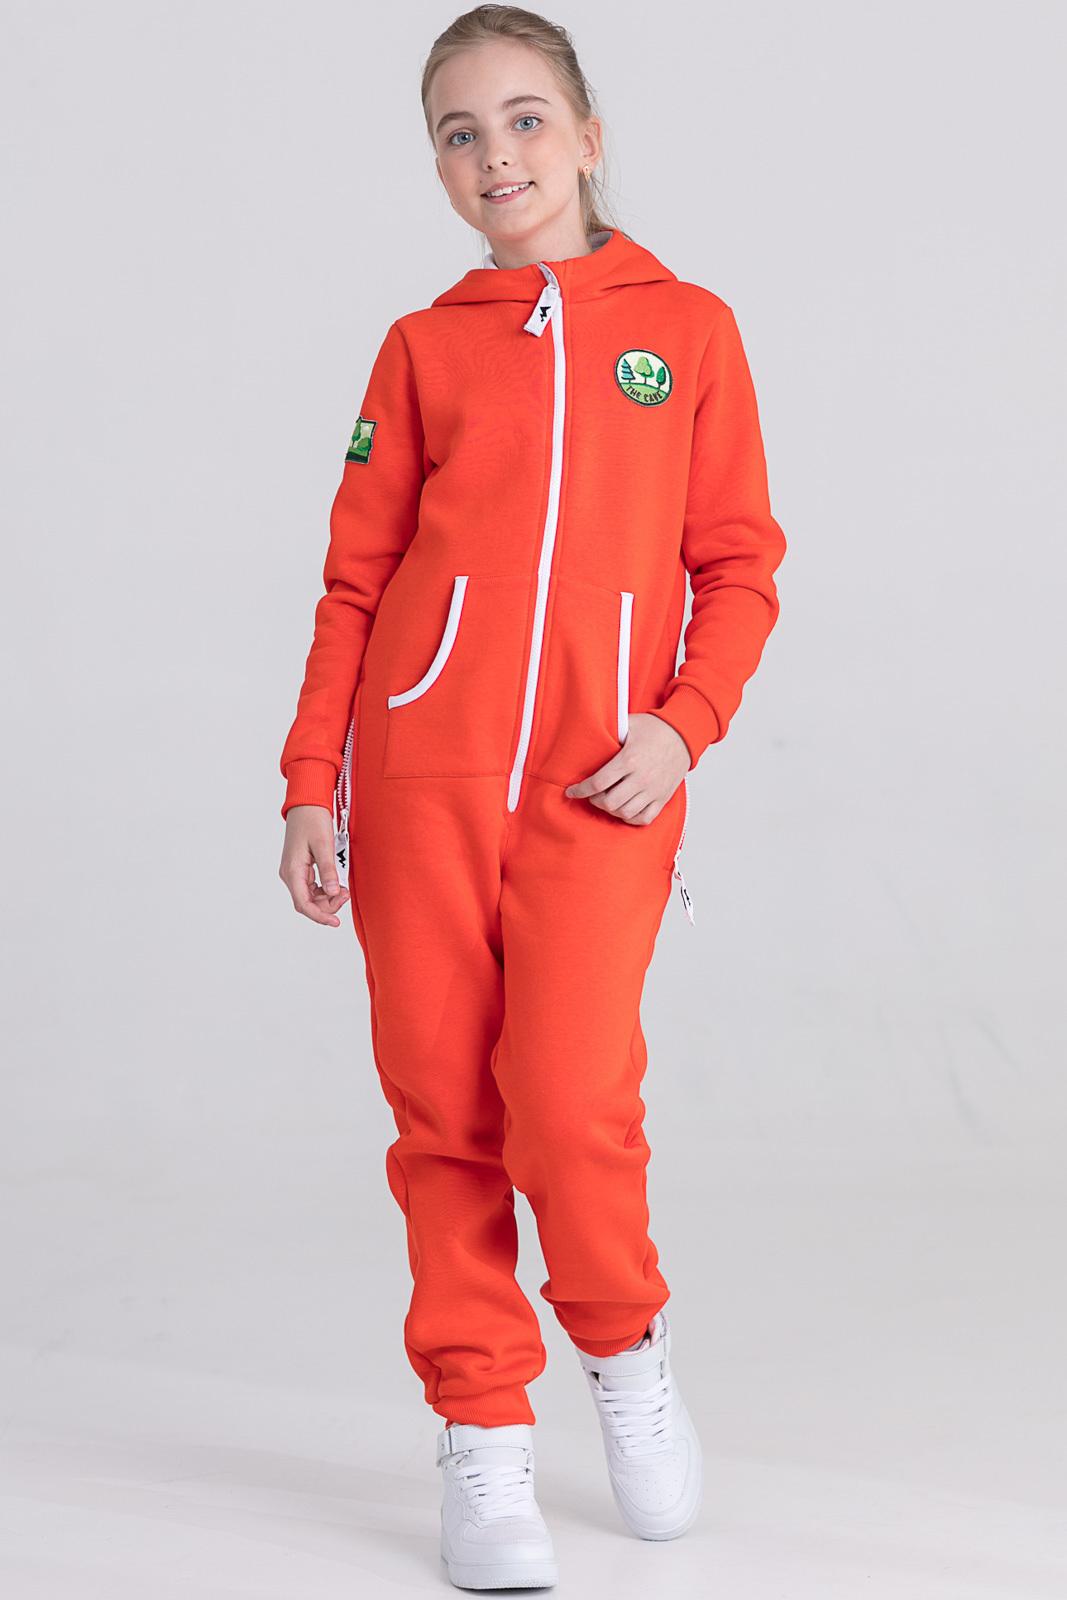 Детская домашняя одежда The Cave Детский комбинезон Veronica Цвет: Оранжевый (11-12 лет)